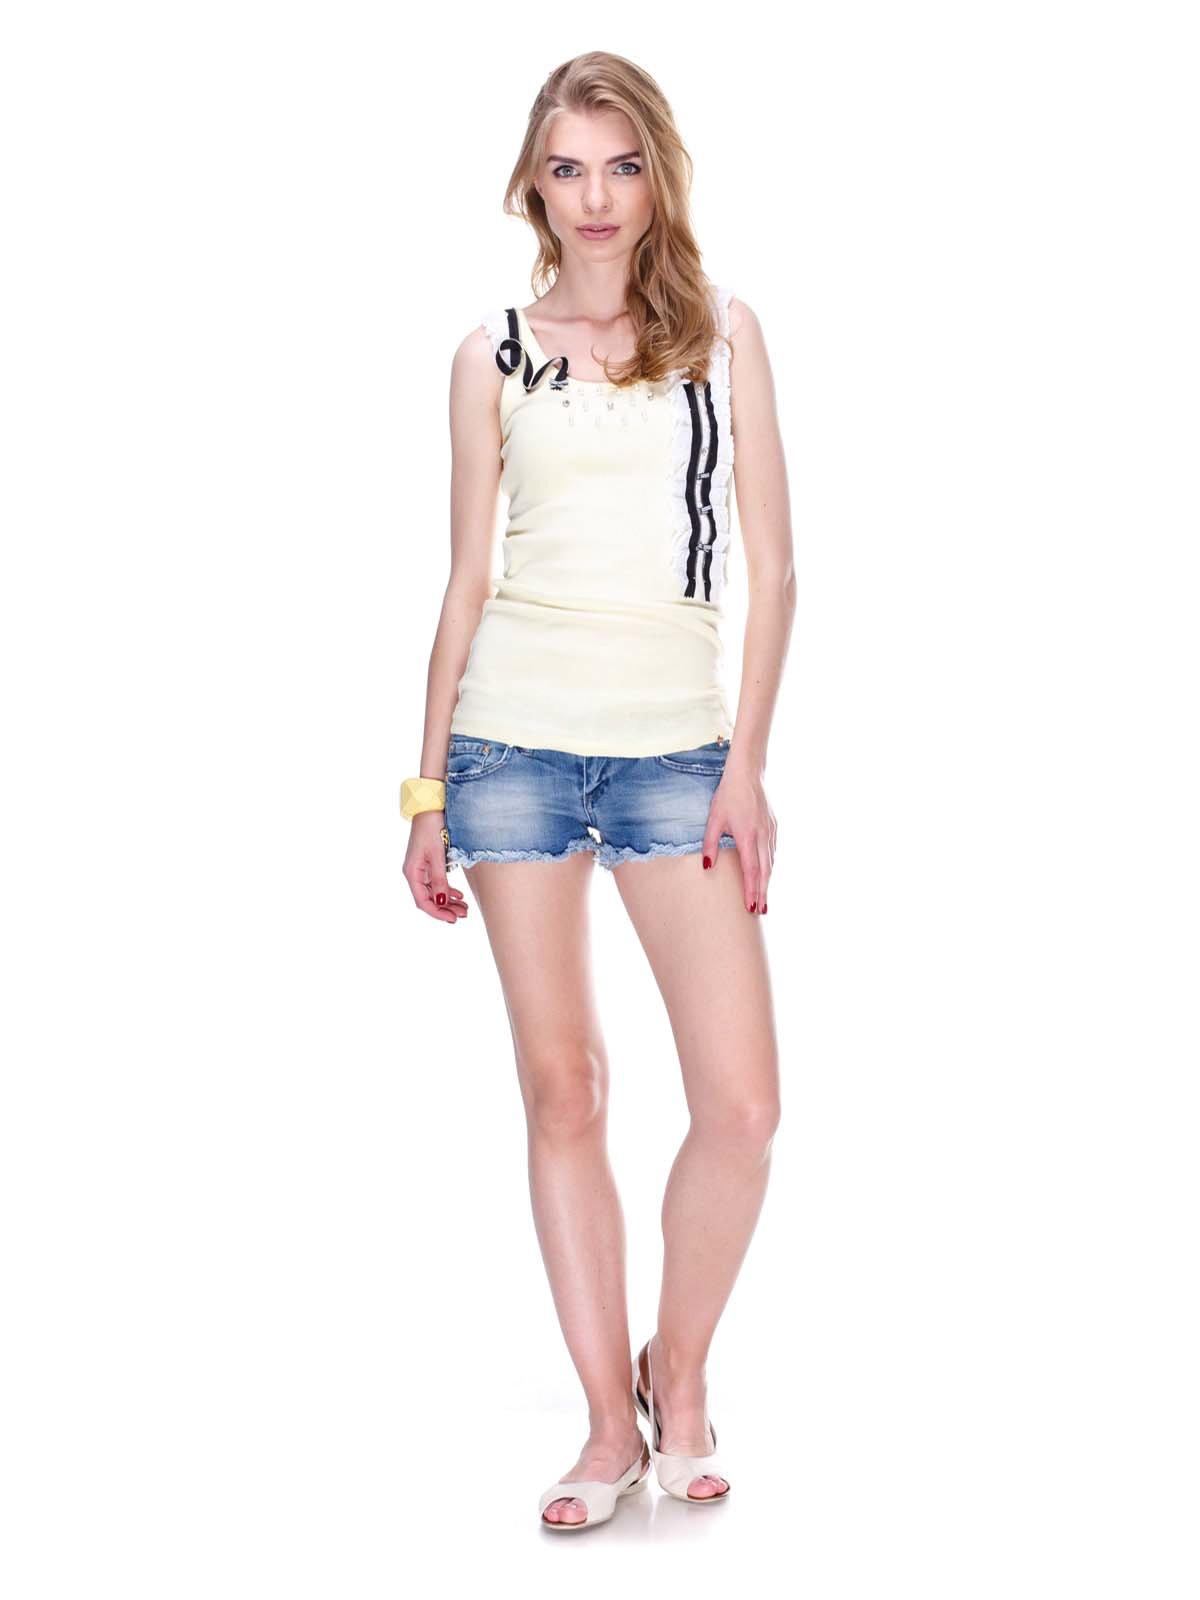 Шорты синие джинсовые с эффектом потертых | 2309216